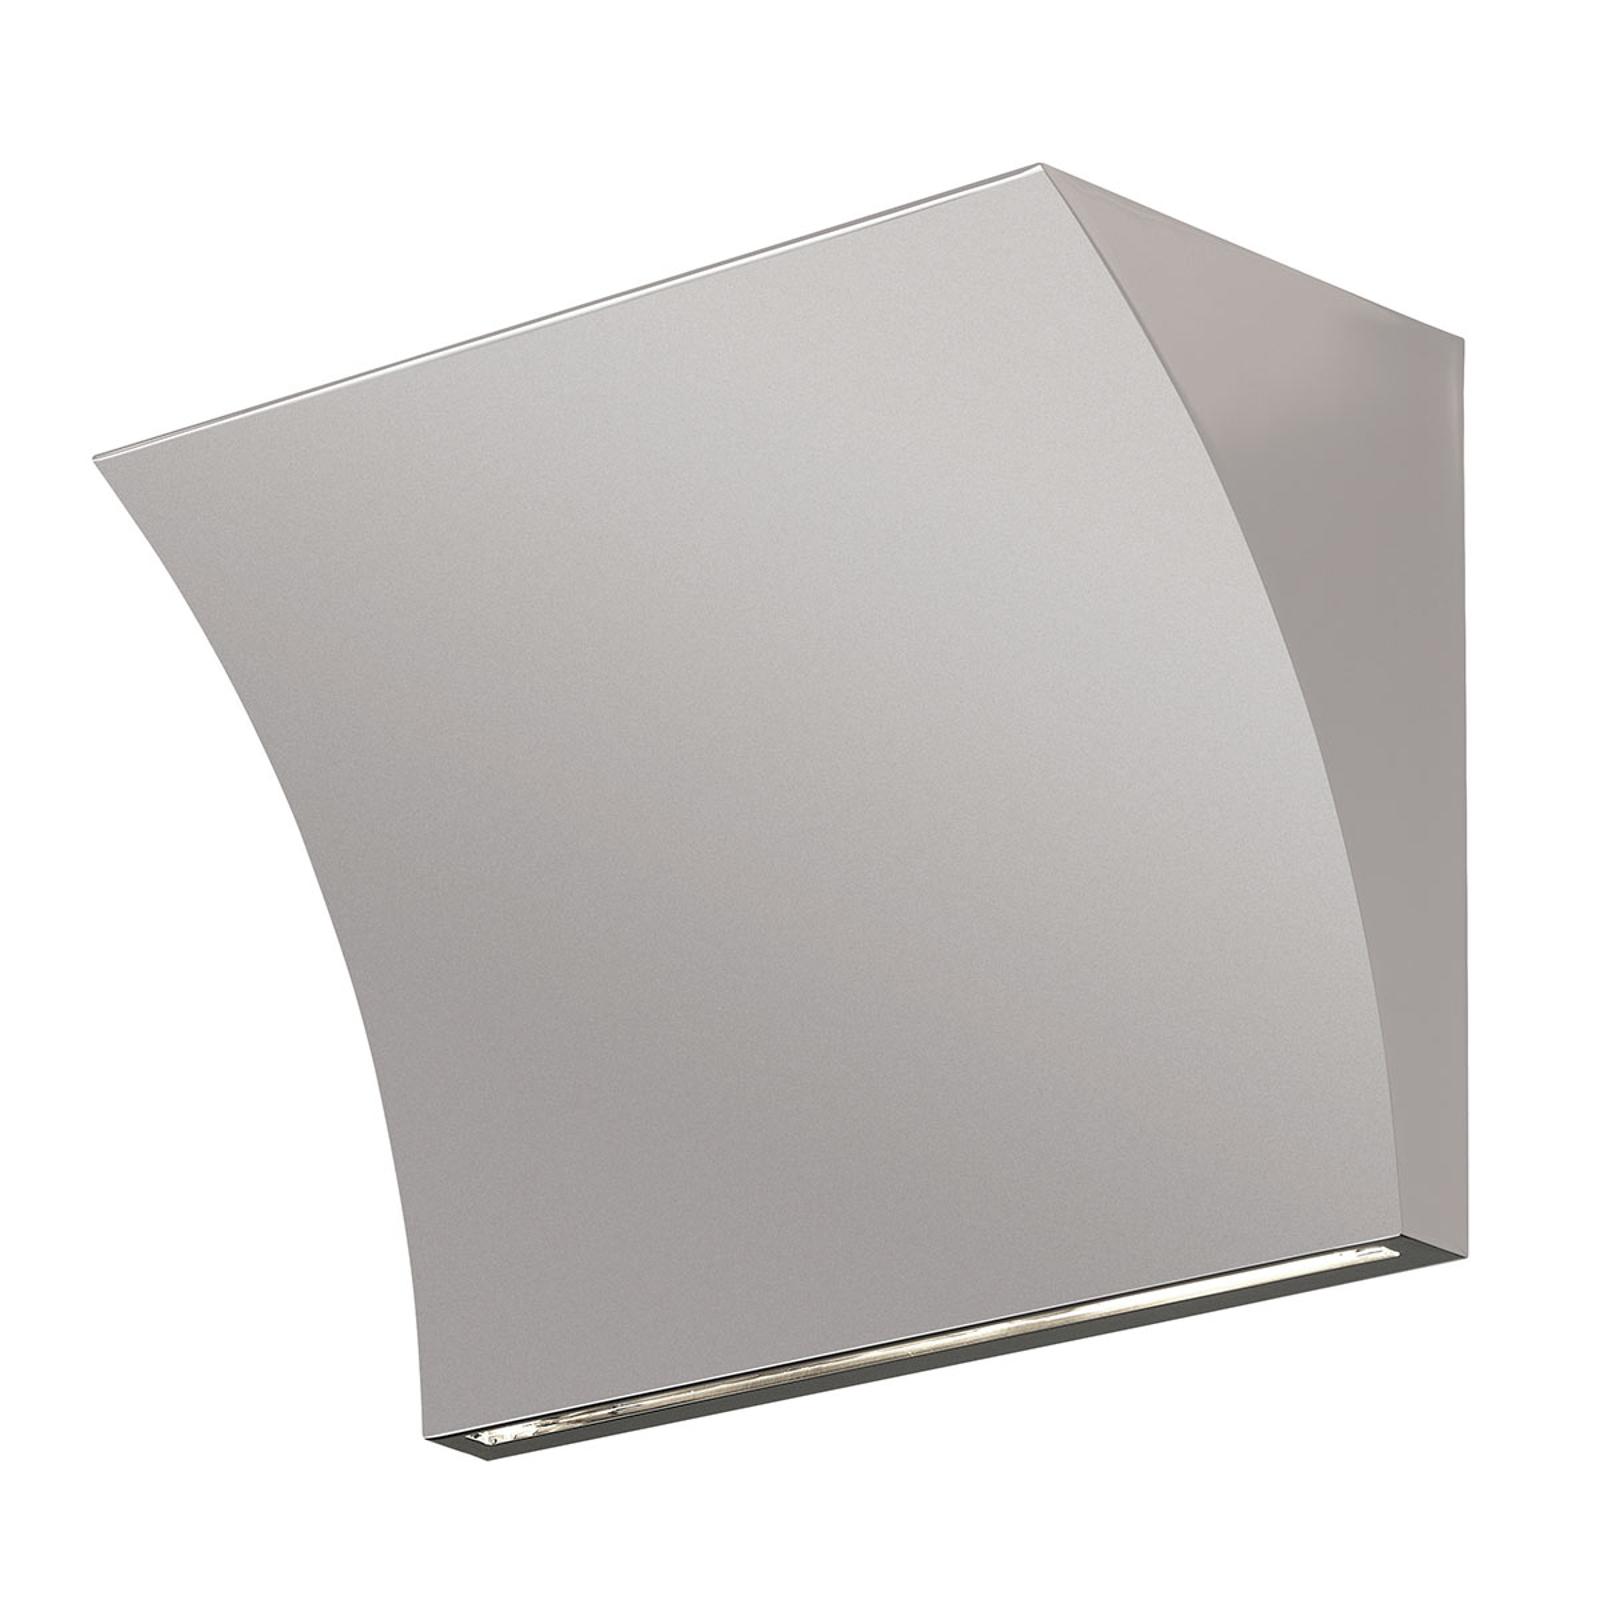 FLOS Pochette LED-seinävalaisin harmaa